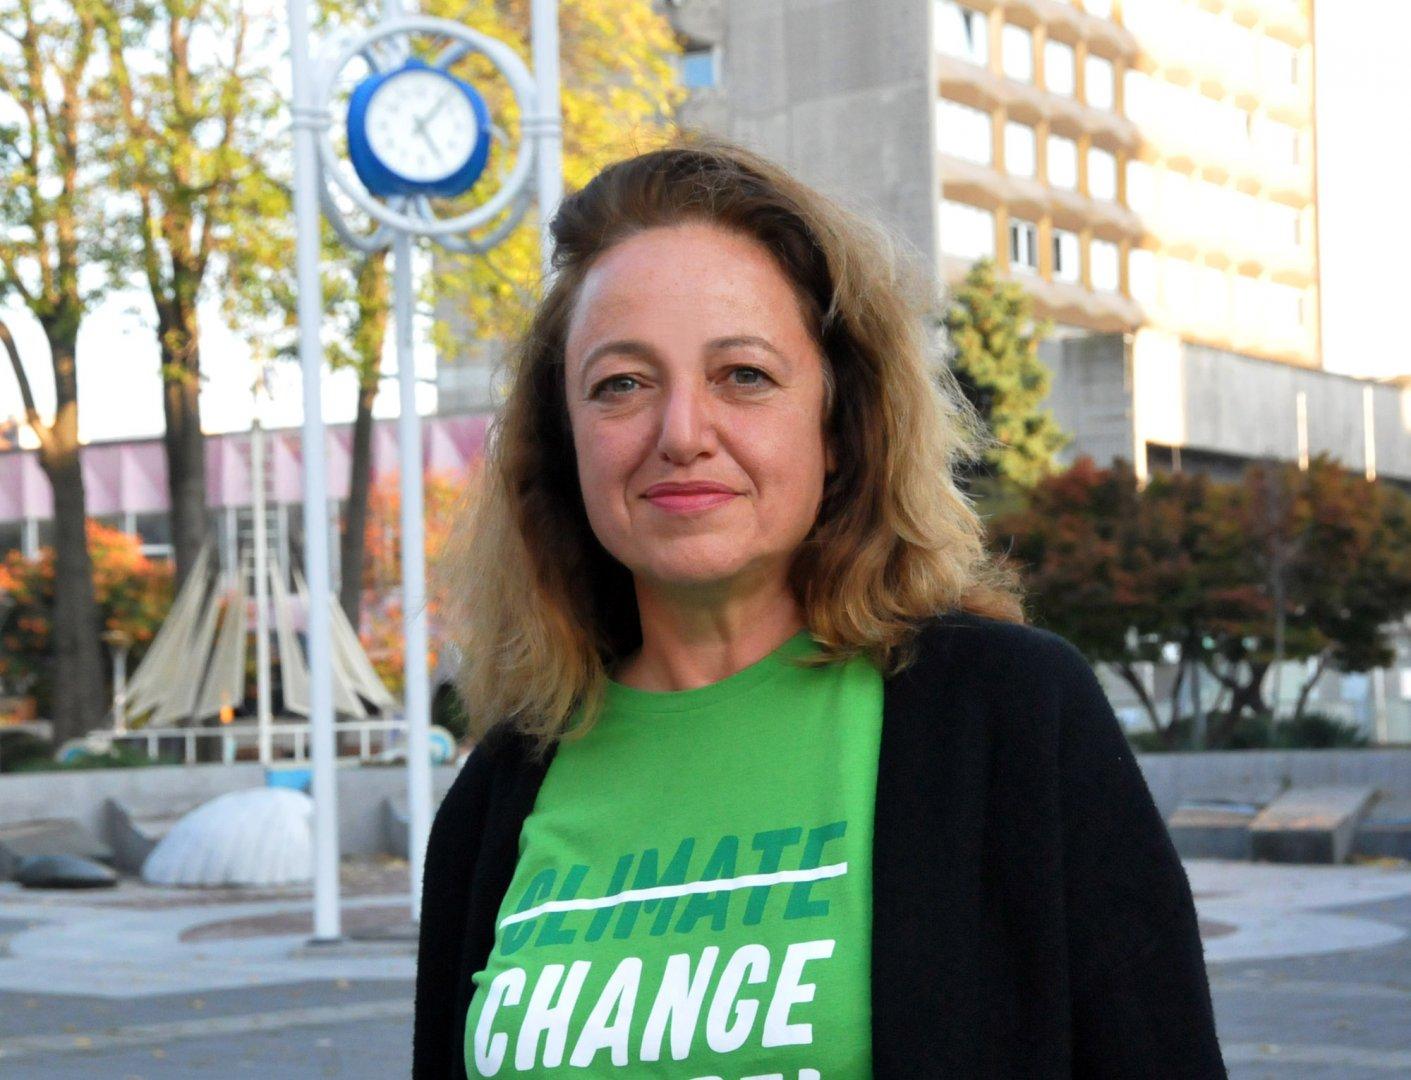 Даниела Божинова има активна гражданска позиция. Снимка Лина Главинова